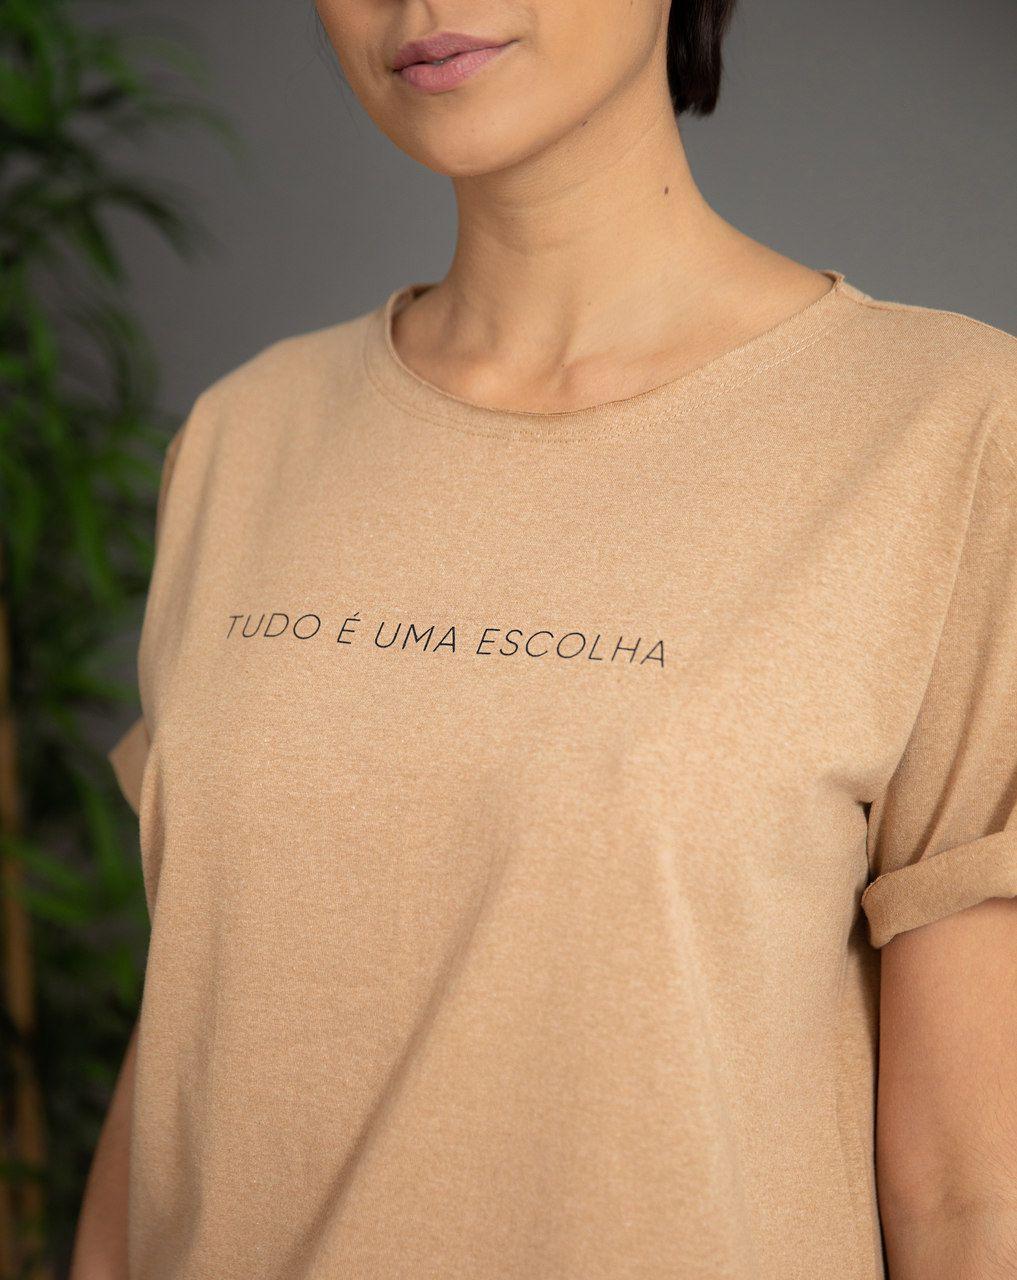 Camiseta Frase - Tudo é uma escolha - Algodão Orgânico Colorido Natural